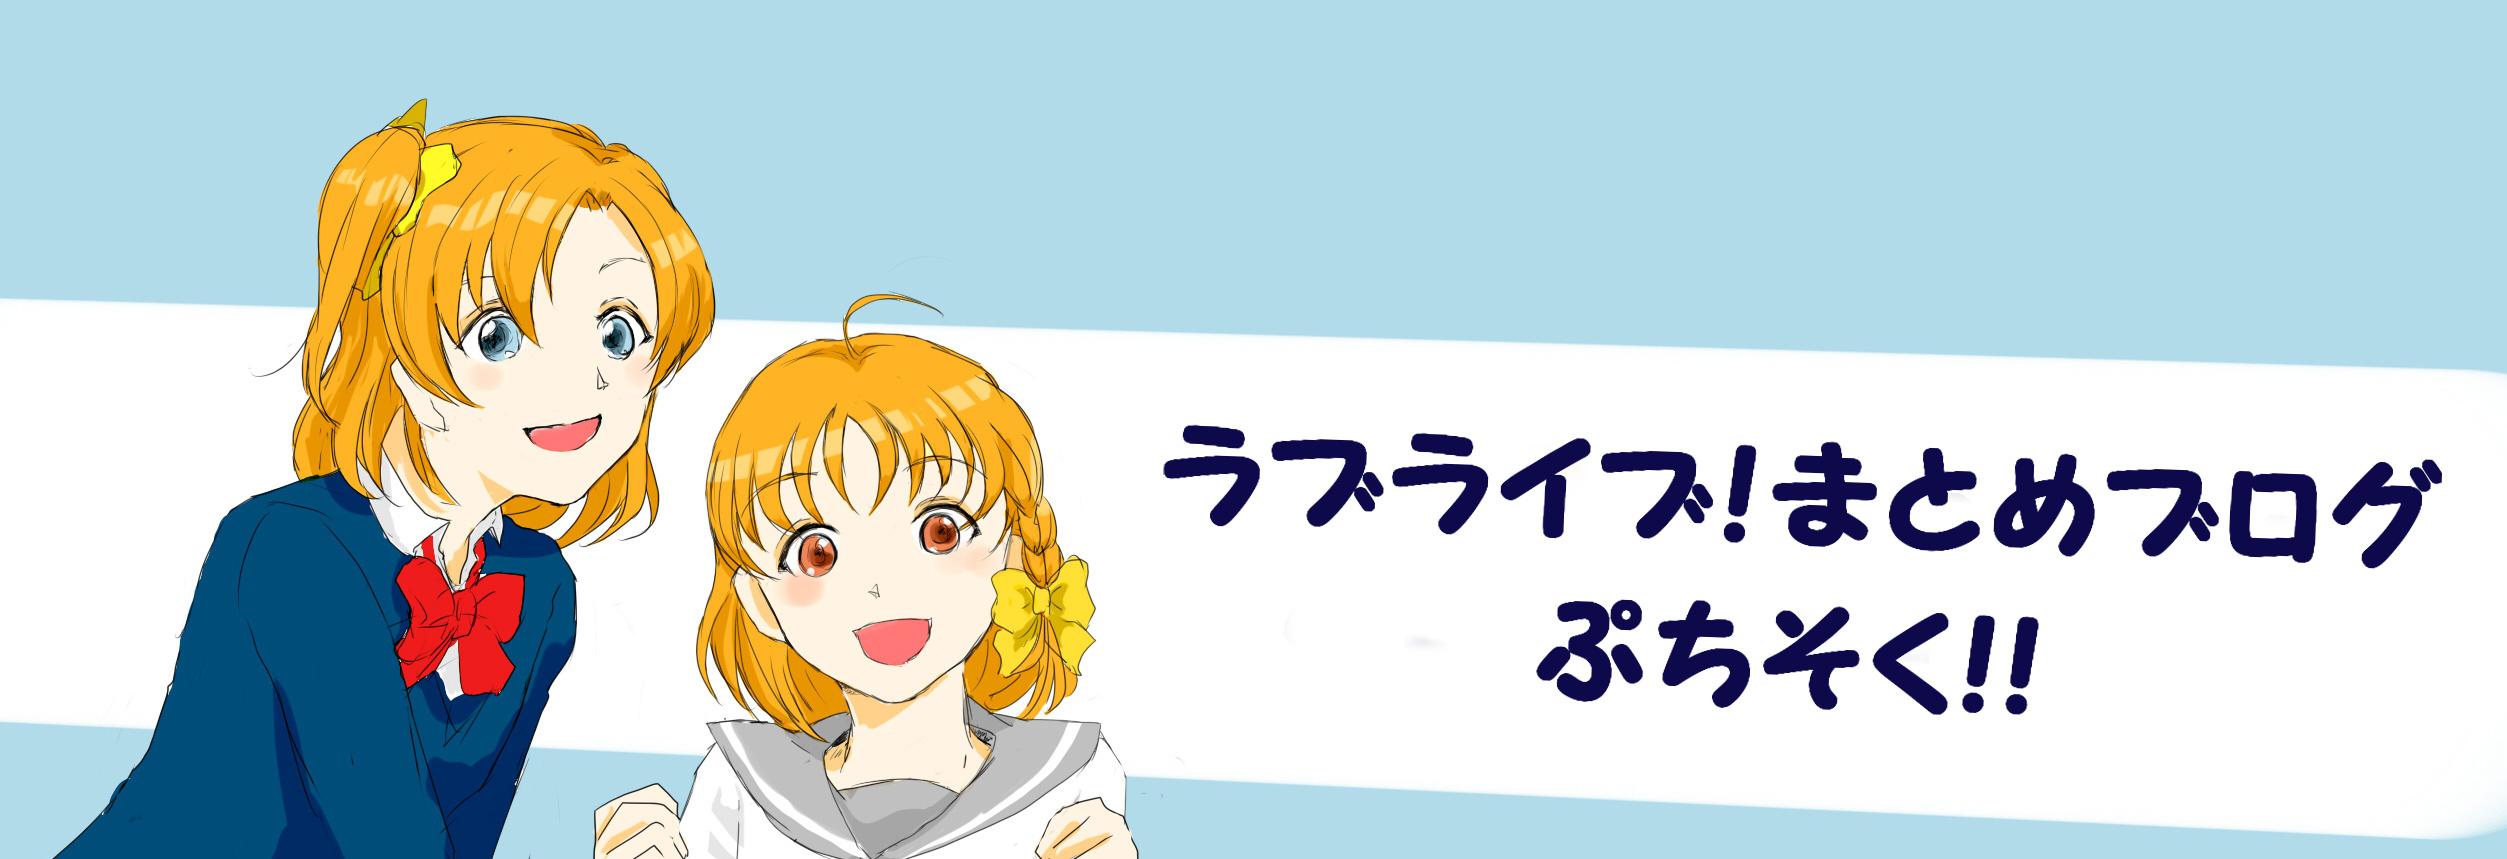 ラブライブ!まとめブログ ぷちそく!!